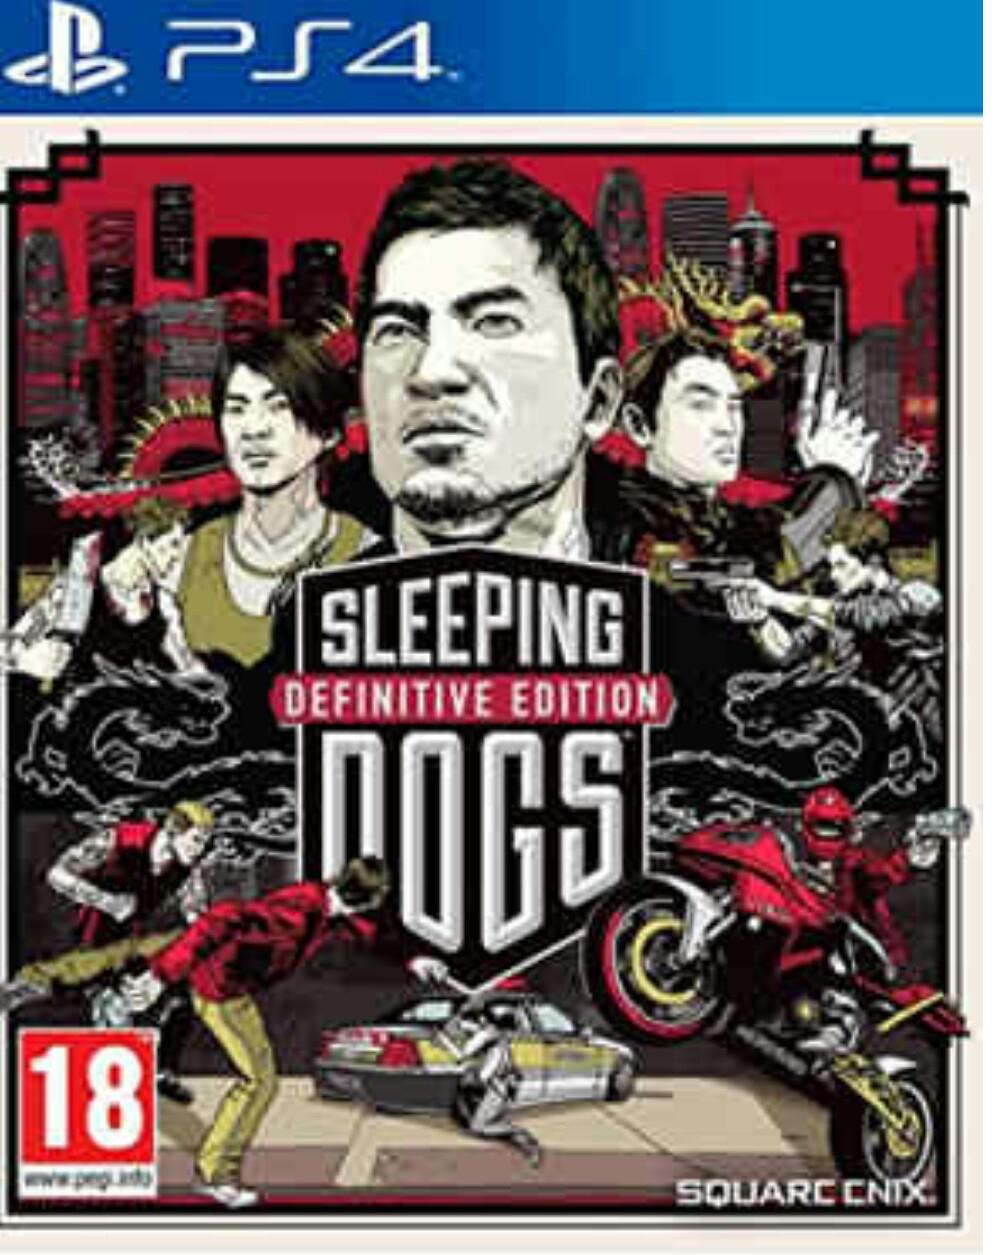 Sleeping dogs: Définitive édition sur PS4